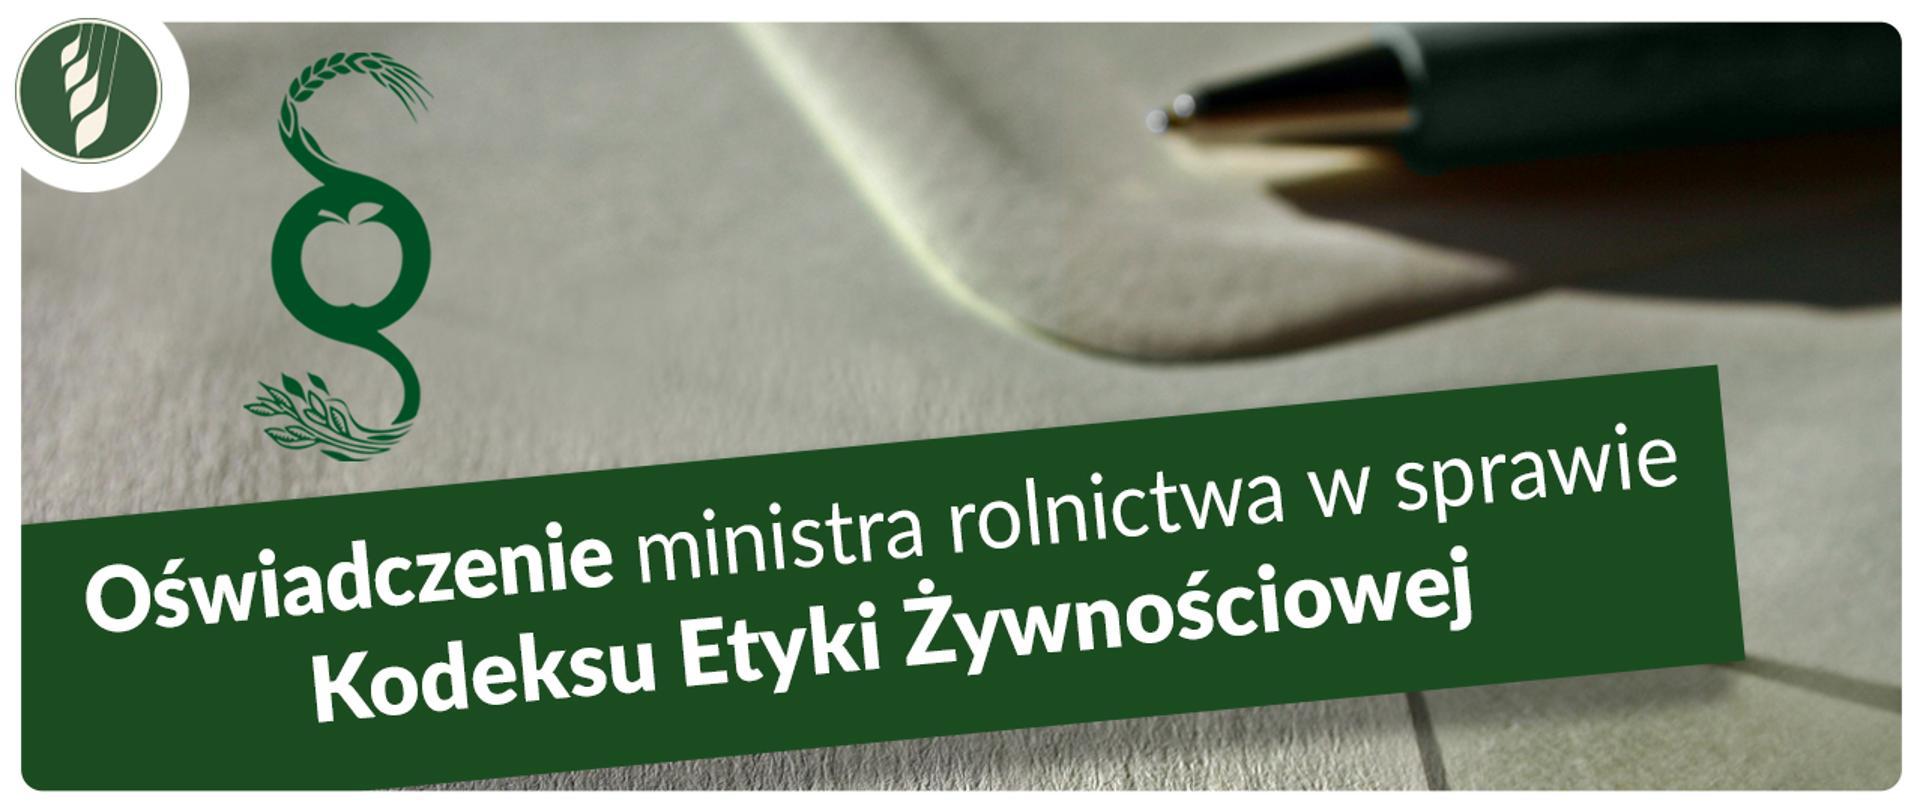 Oświadczenie ministra rolnictwa w sprawie Kodeksu Etyki Żywnościowej